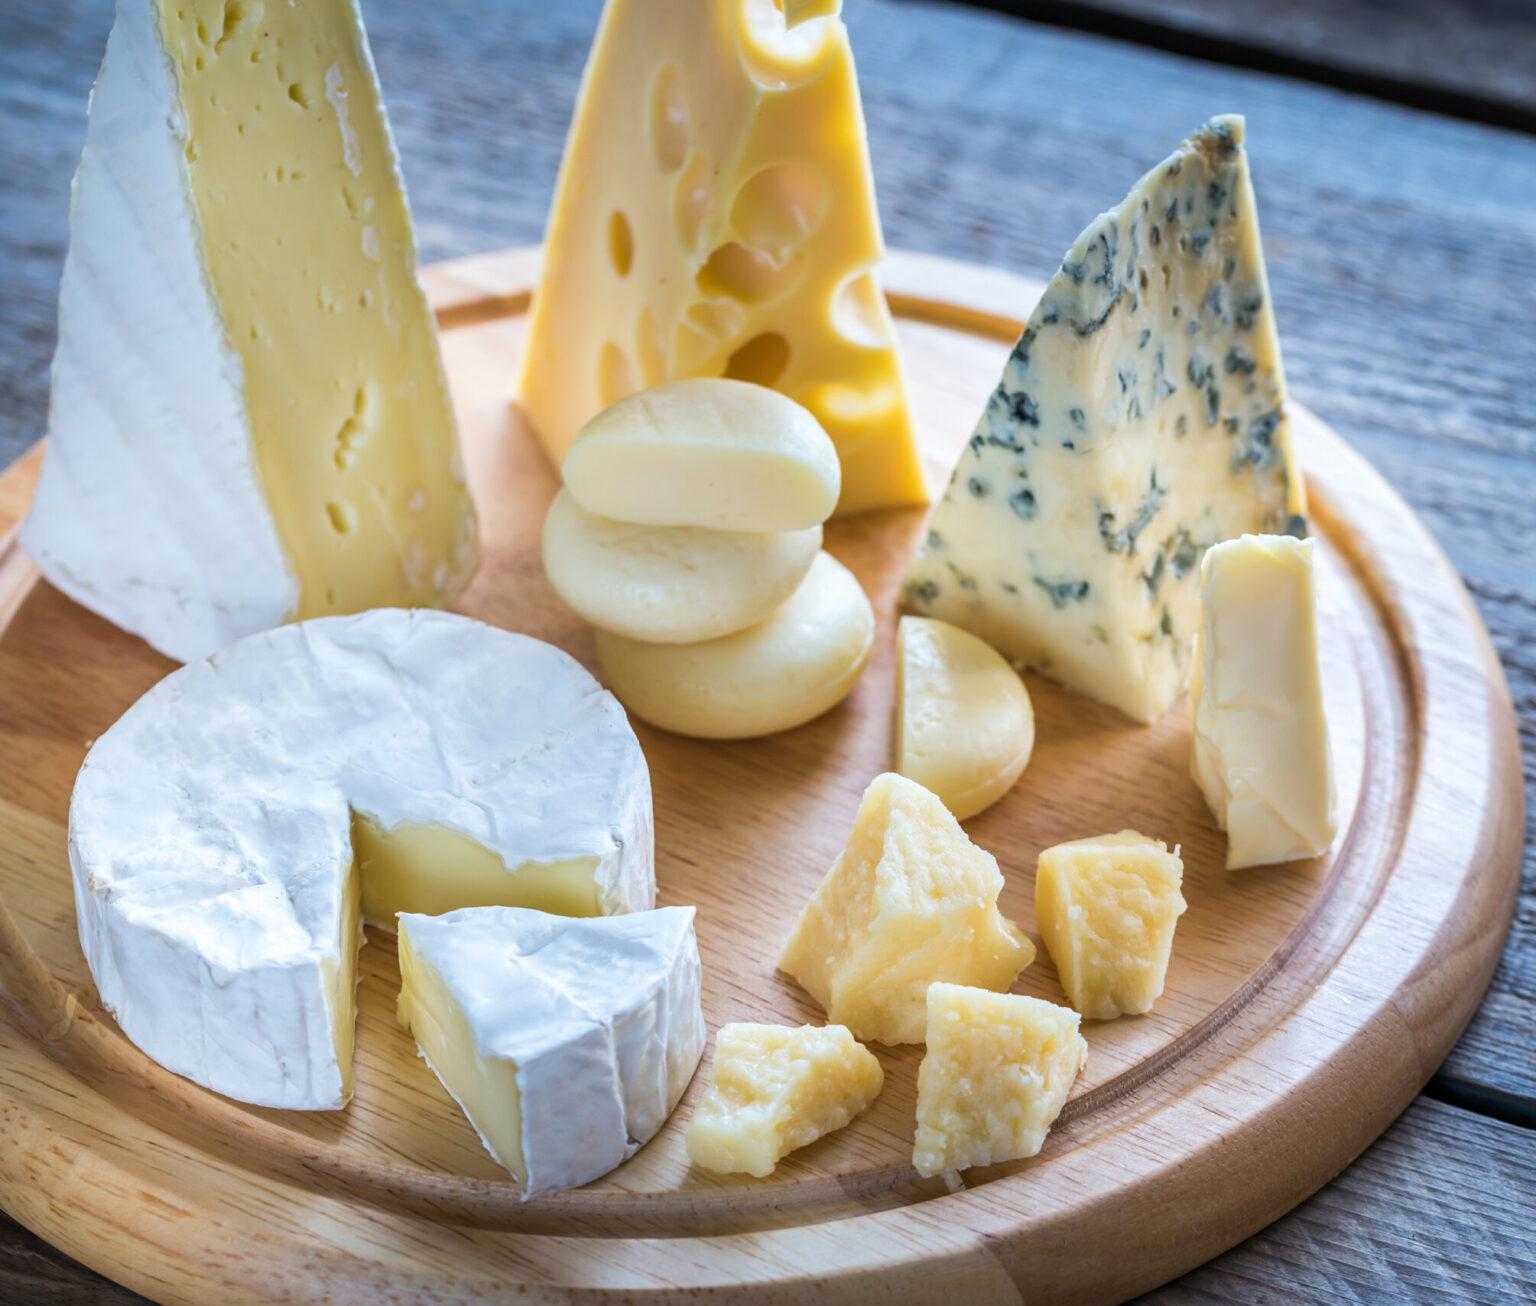 Dicas para conservar cada tipo de queijo